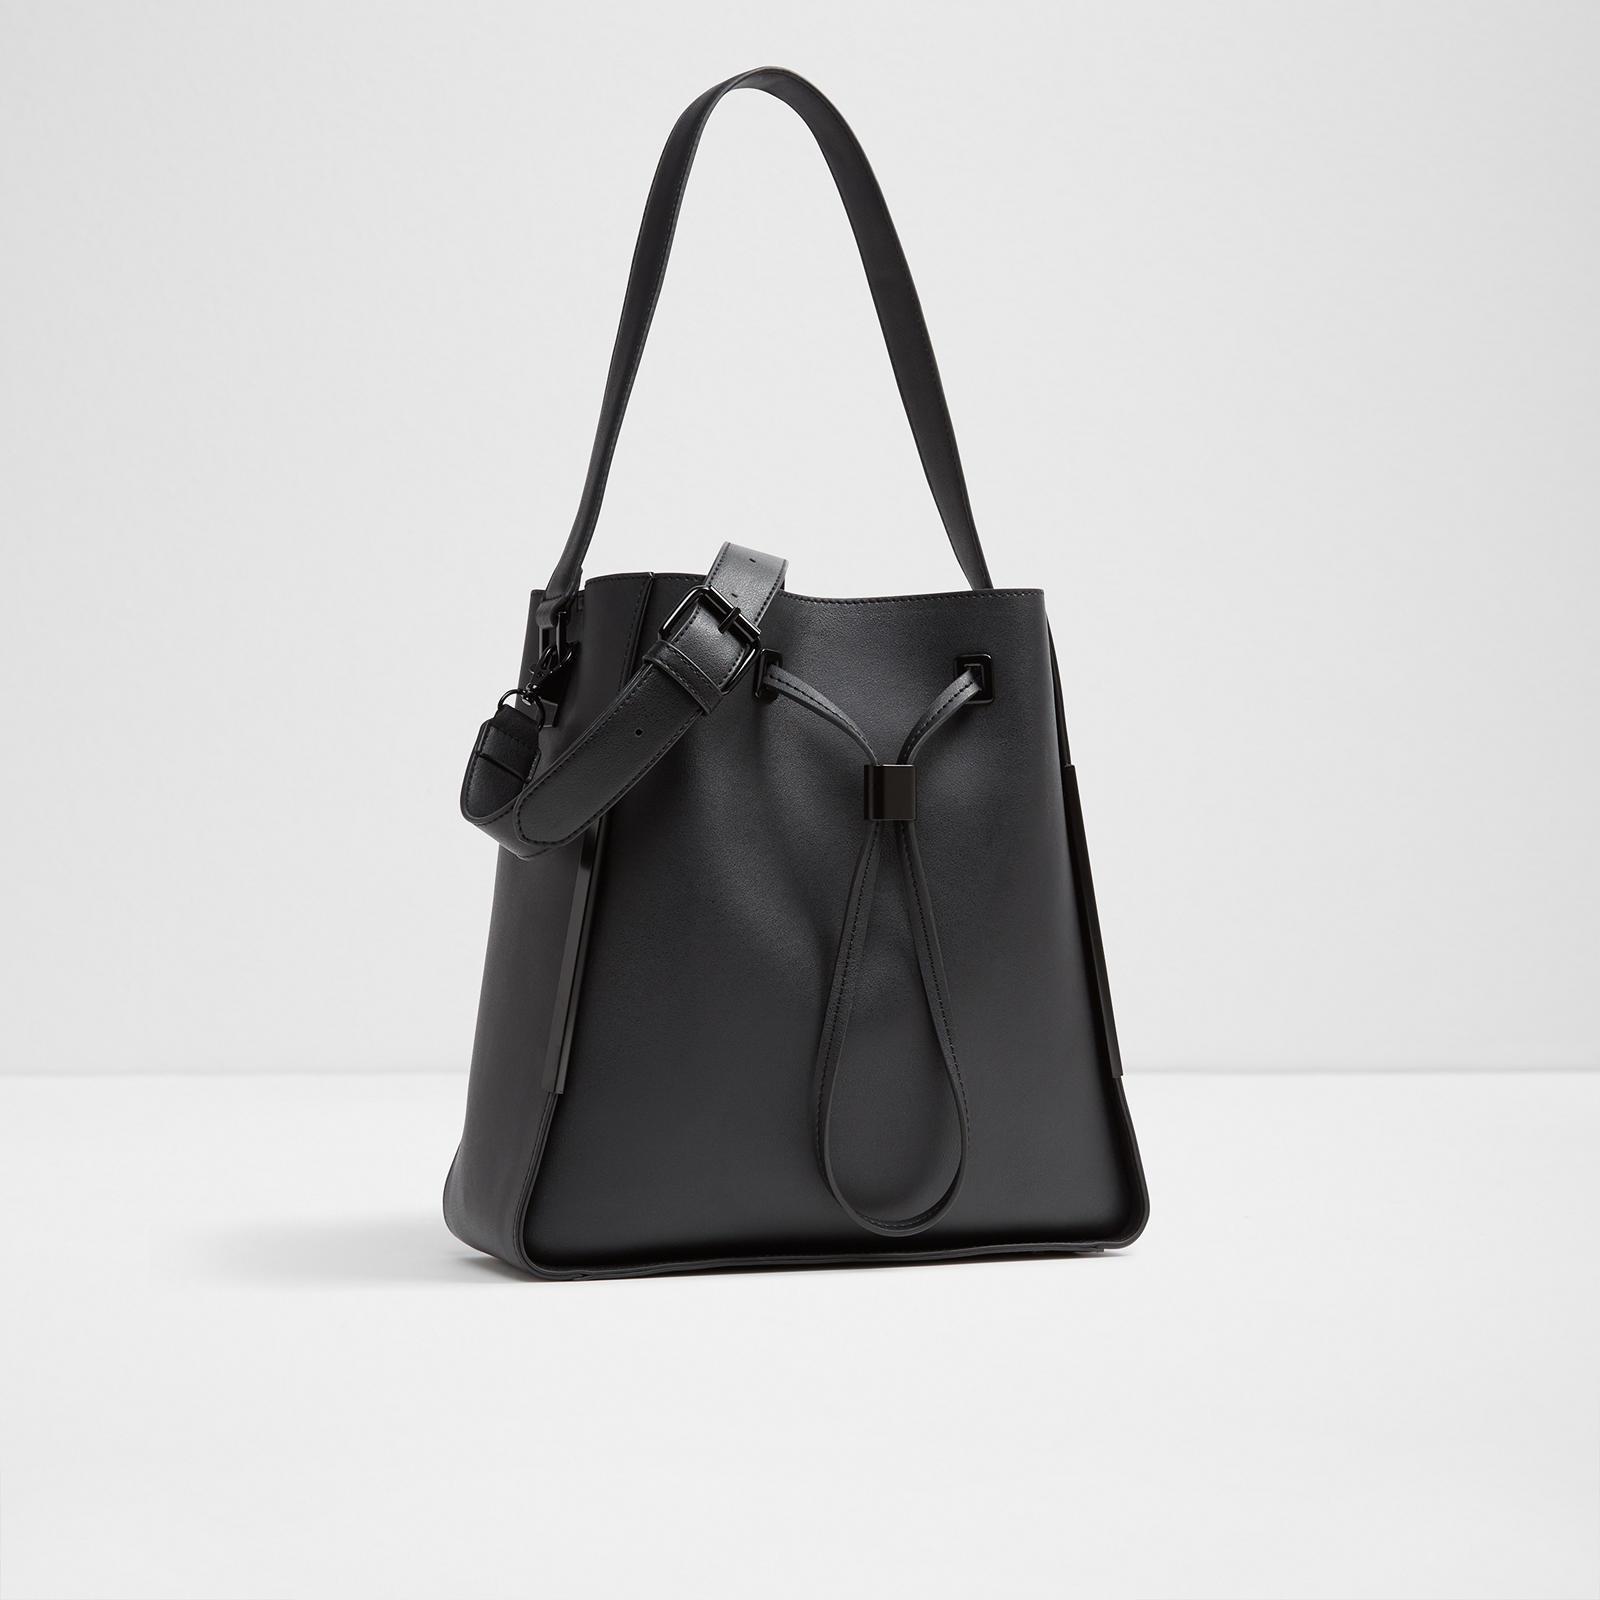 04185ce01c Lyst - ALDO Oceanna Shoulder Handbag in Black